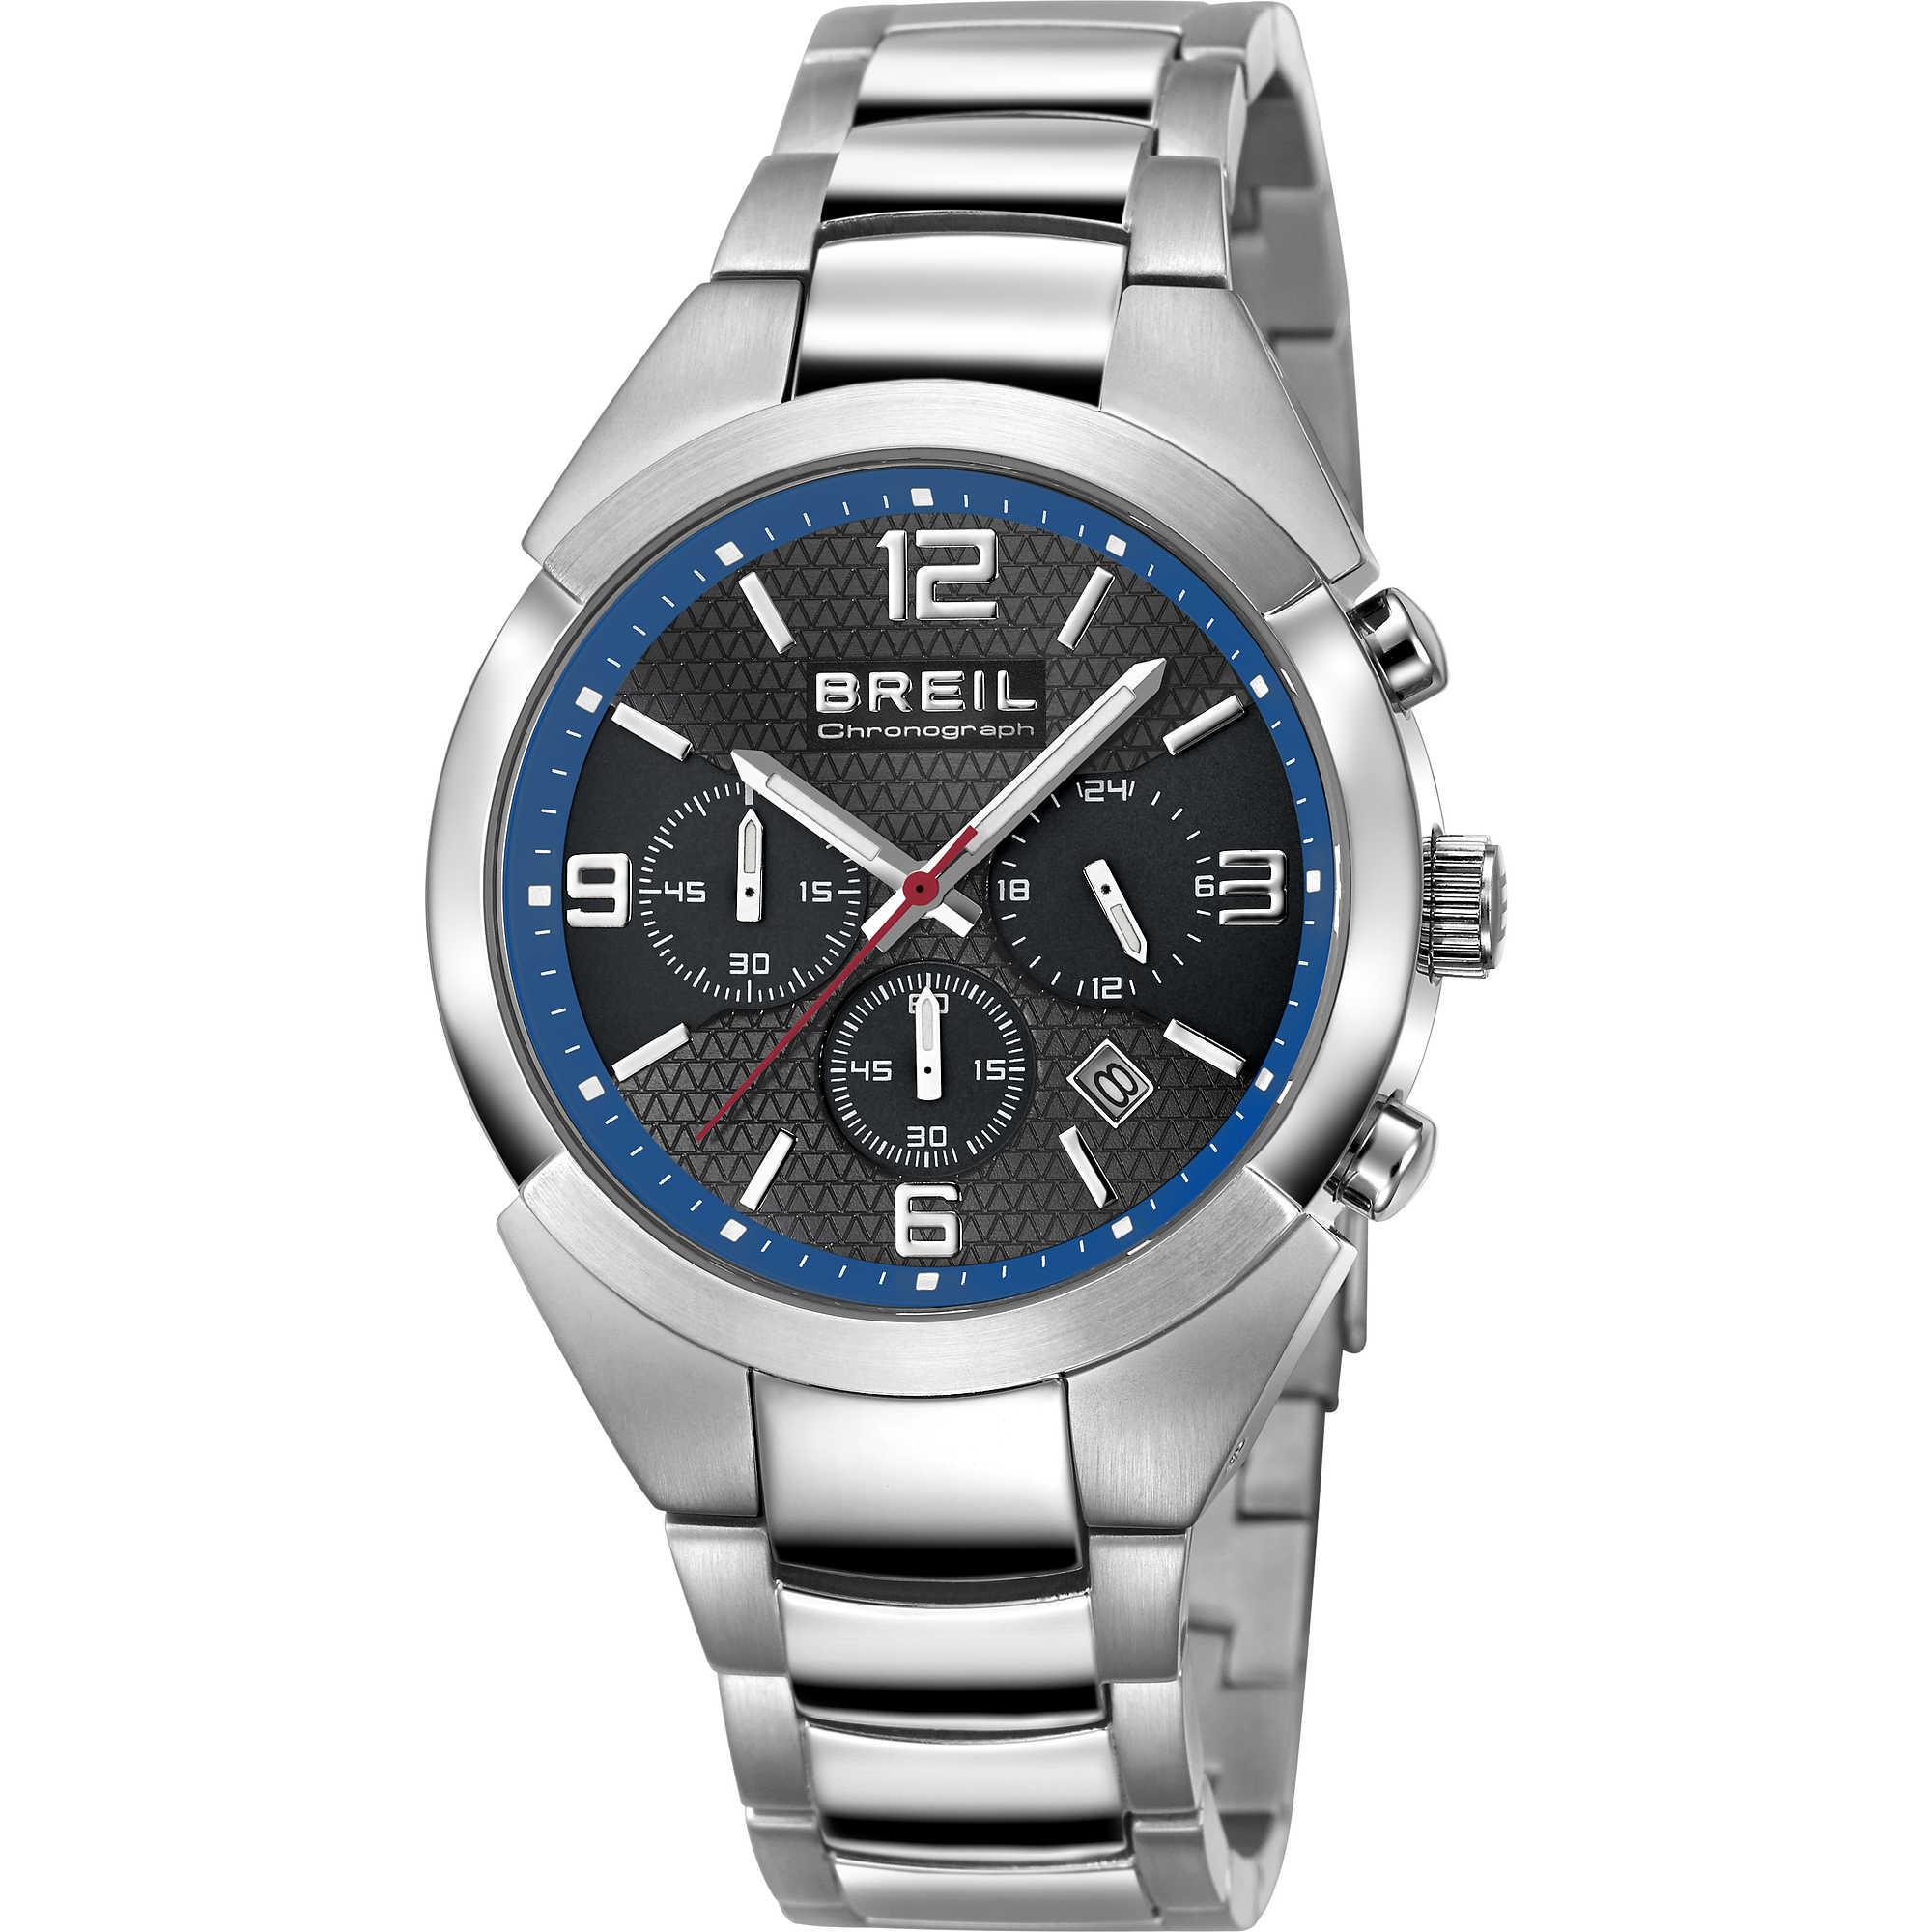 533d8070566 orologio cronografo uomo Breil Gap TW1379 cronografi Breil